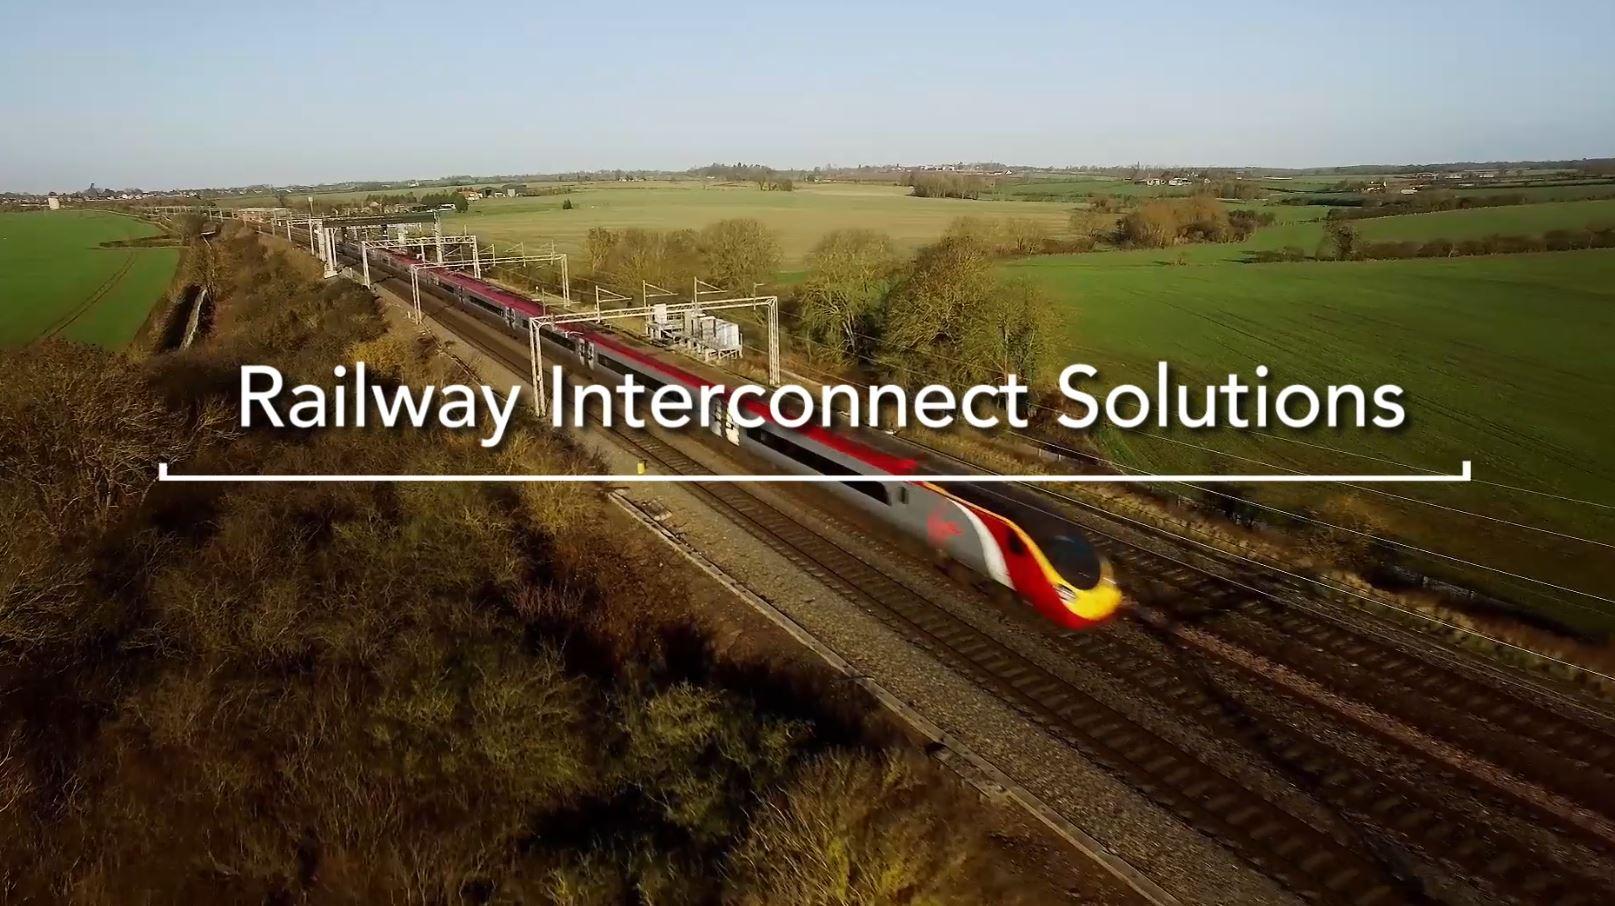 Railway connectors video